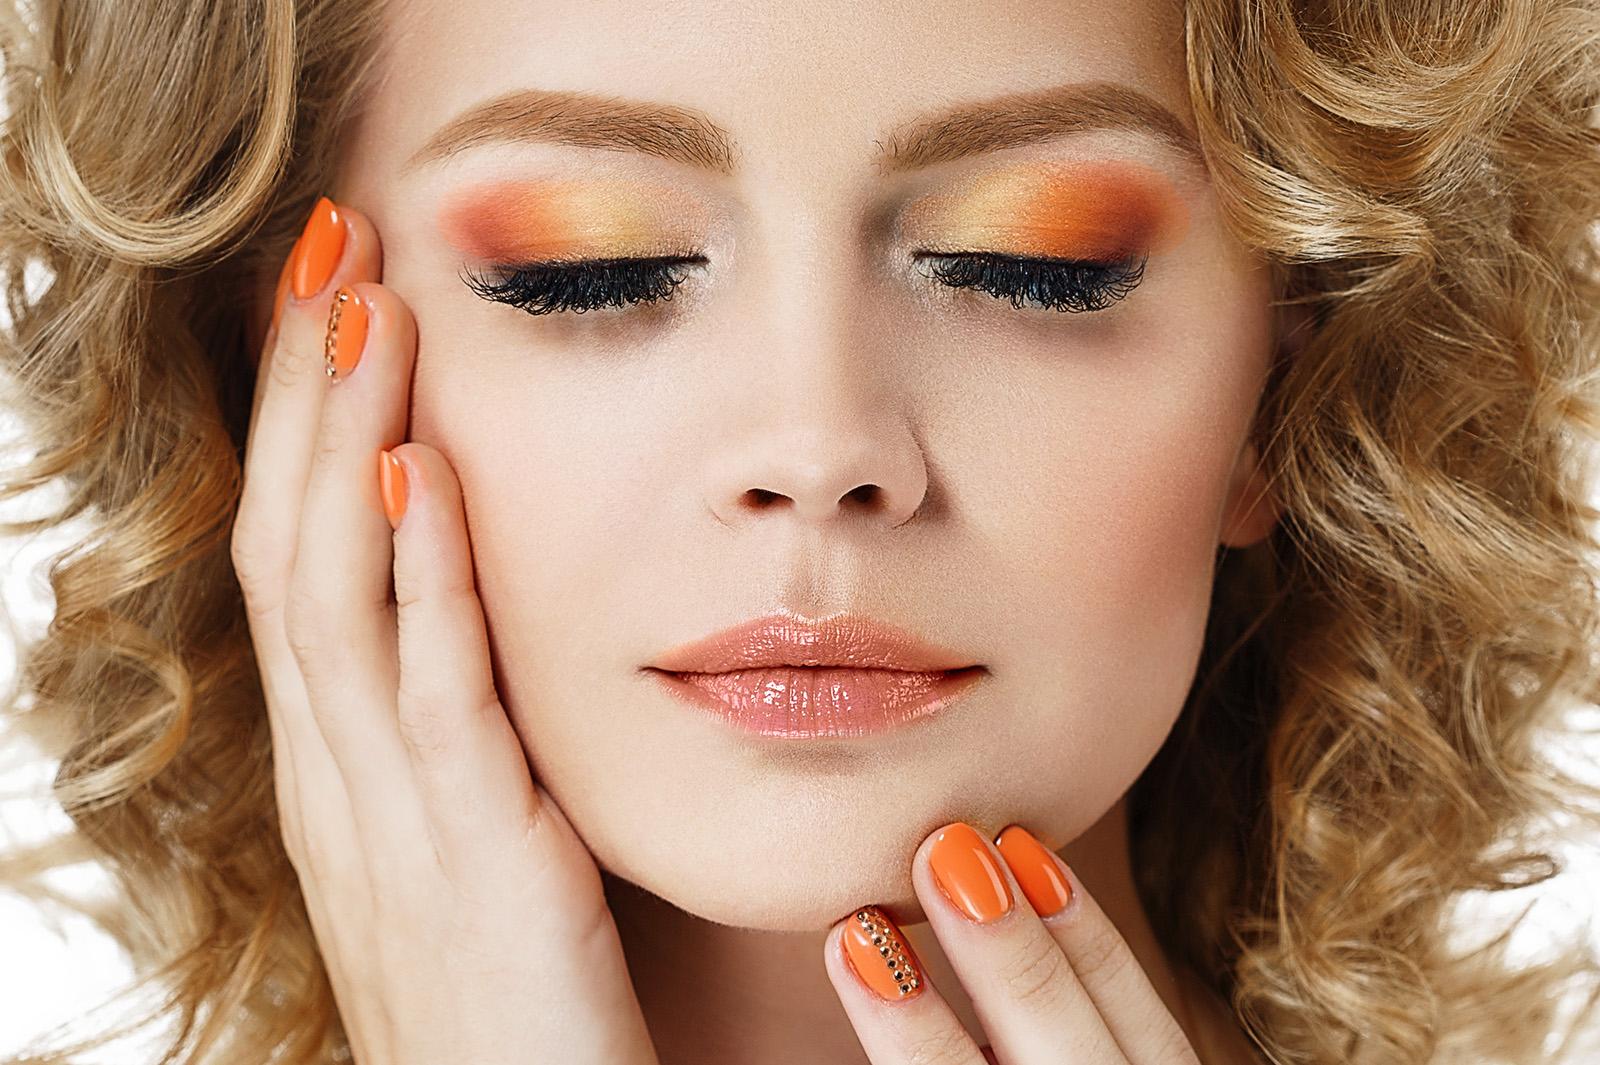 オレンジメイクで旬の顔へ お客様の魅力を引き出すためのポイントとは?/Photo by Irina Bg